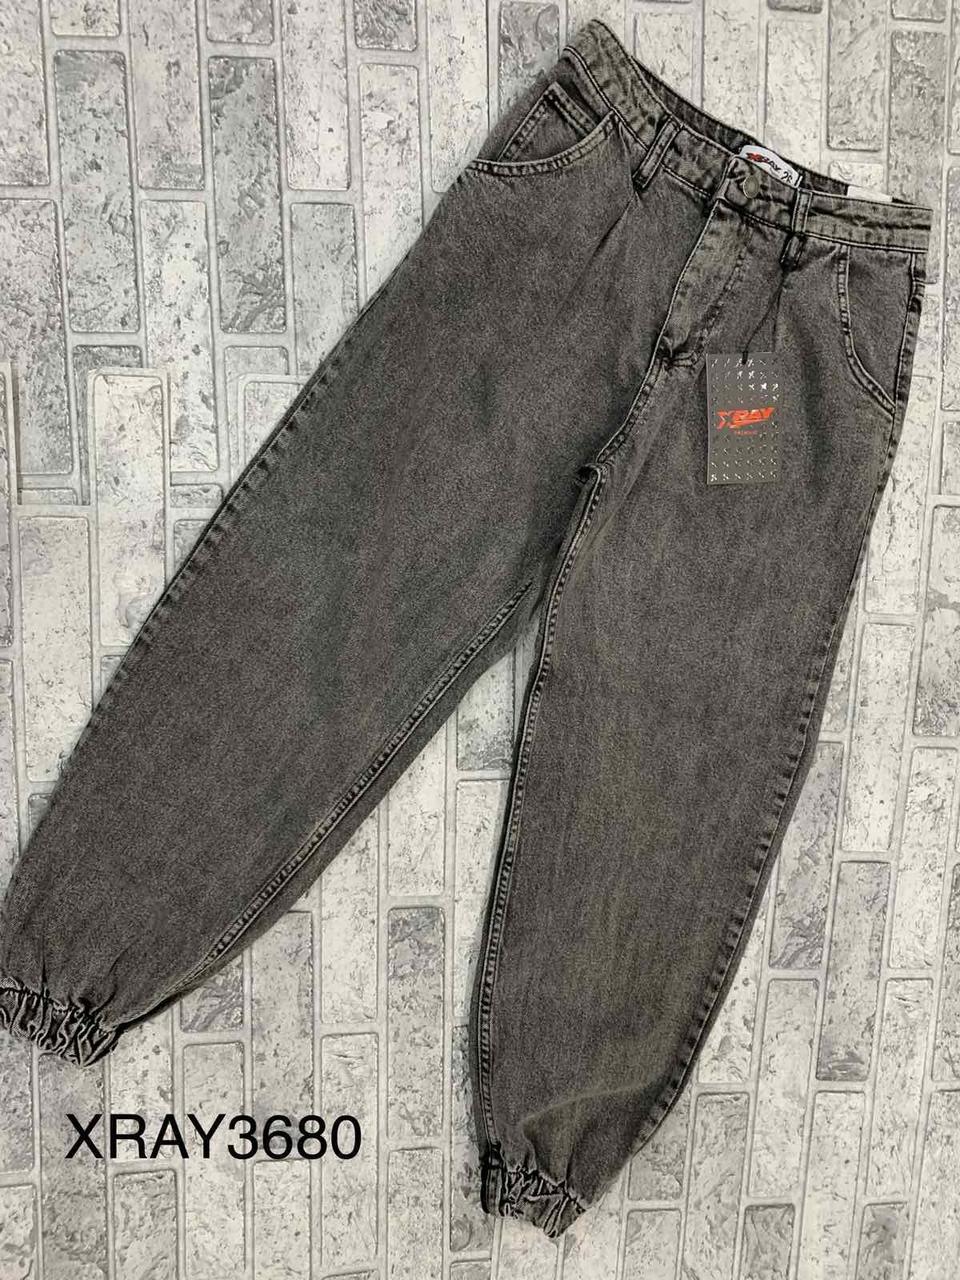 Стильные джинсы-баллоны коттон Турция Xray 3680 (в расцветках 26-31)